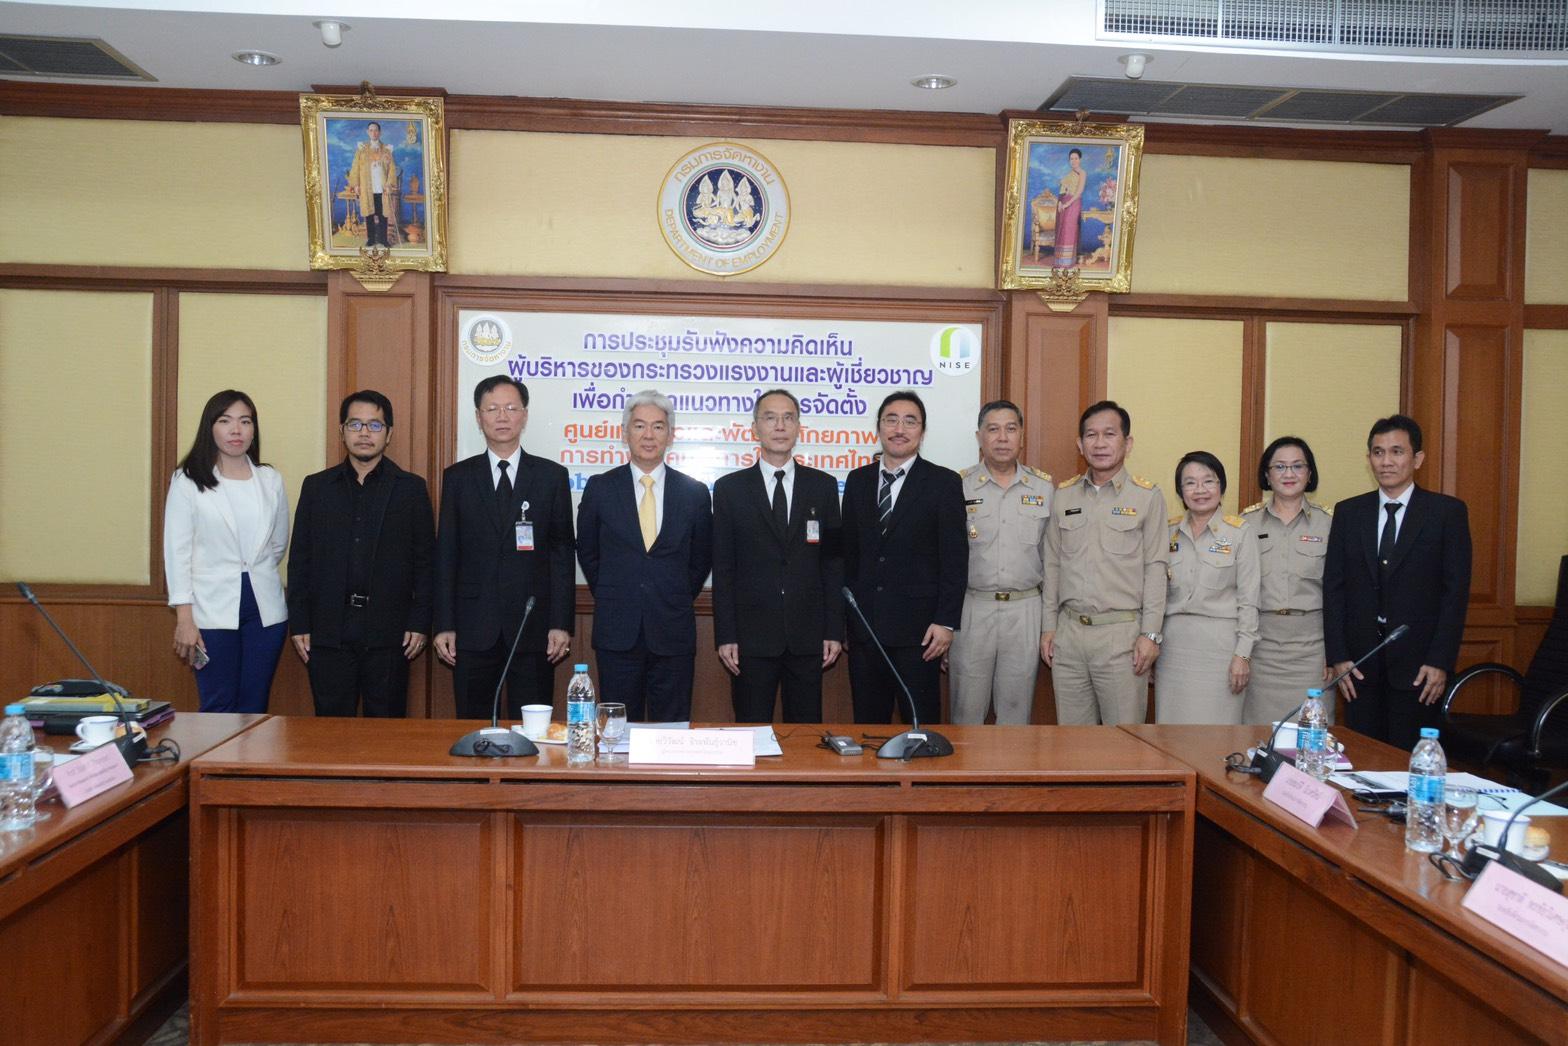 การจัดตั้งศูนย์แนะแนวและพัฒนาศักยภาพการทำงานของคนพิการในประเทศไทย (Job Coach Thailand Center)